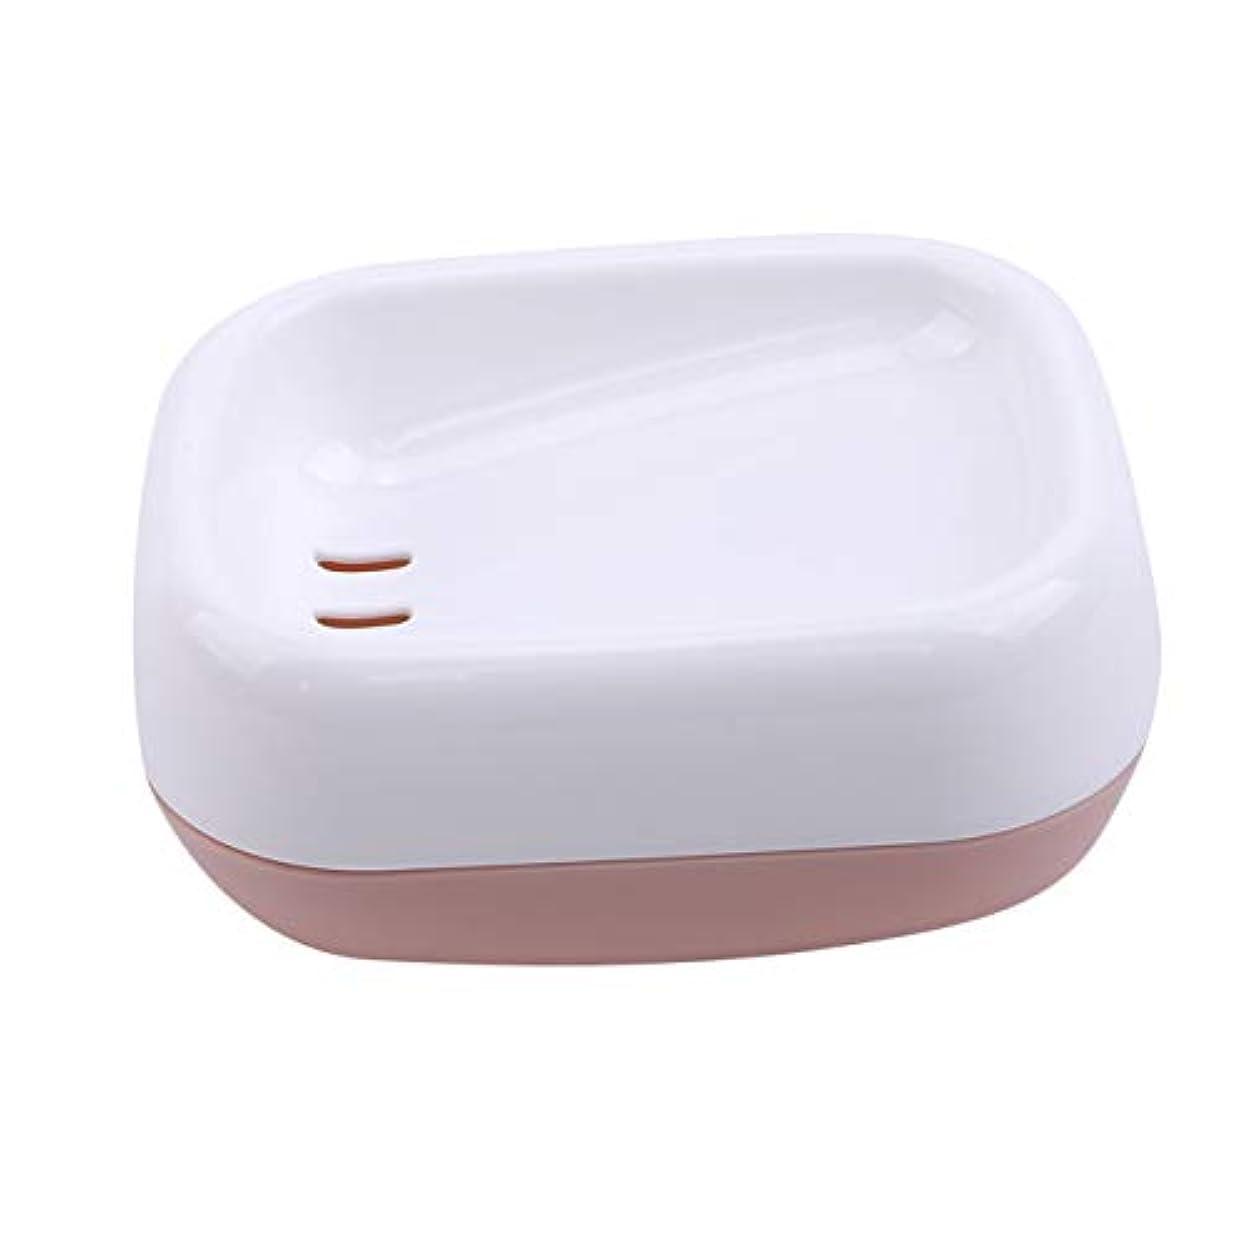 楽しむ冒険ねじれZALINGソープディッシュボックス浴室プラスチック二重層衛生的なシンプル排水コンテナソープディッシュピンク